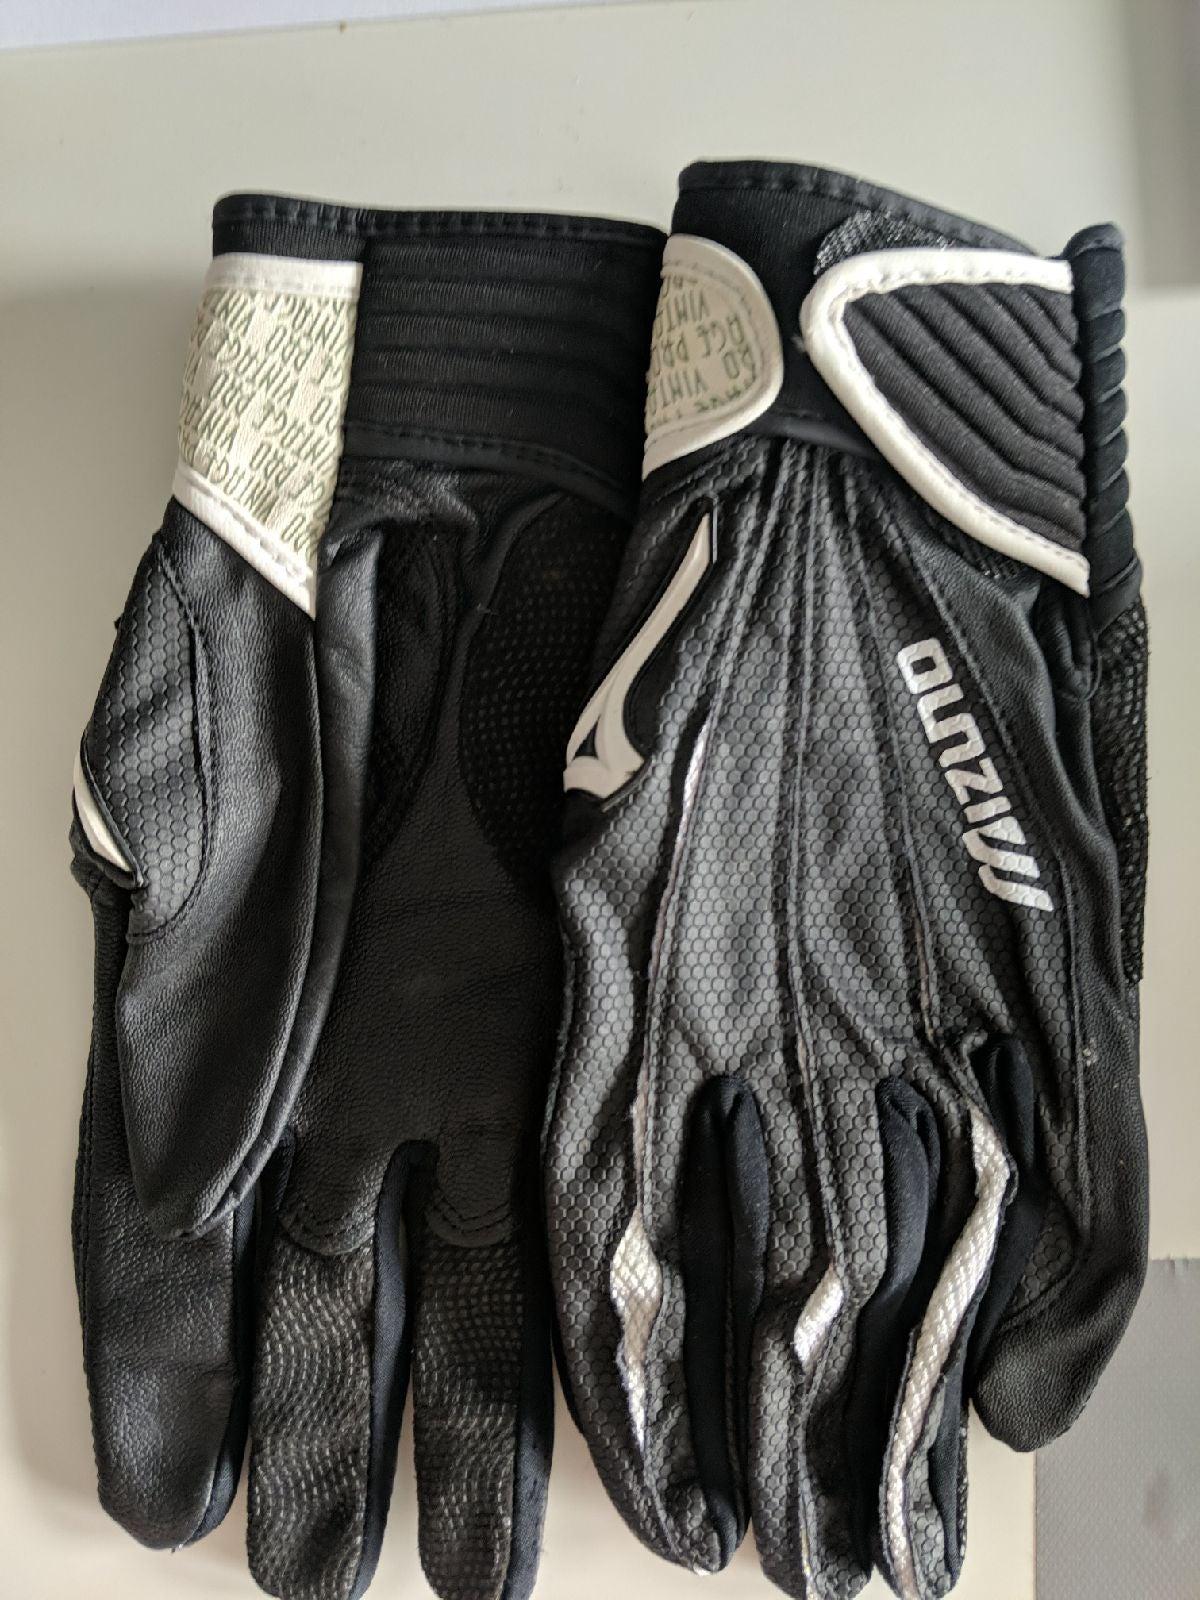 Size medium Mizuno batting gloves